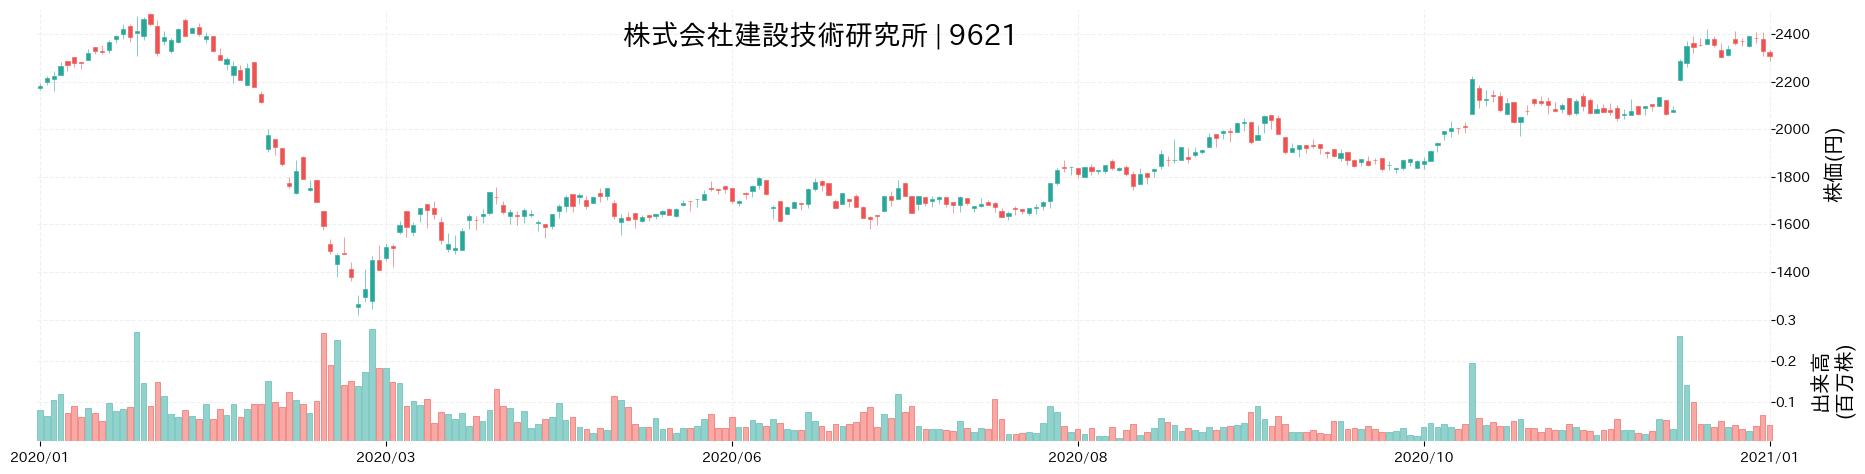 株式会社建設技術研究所の株価推移(2020)